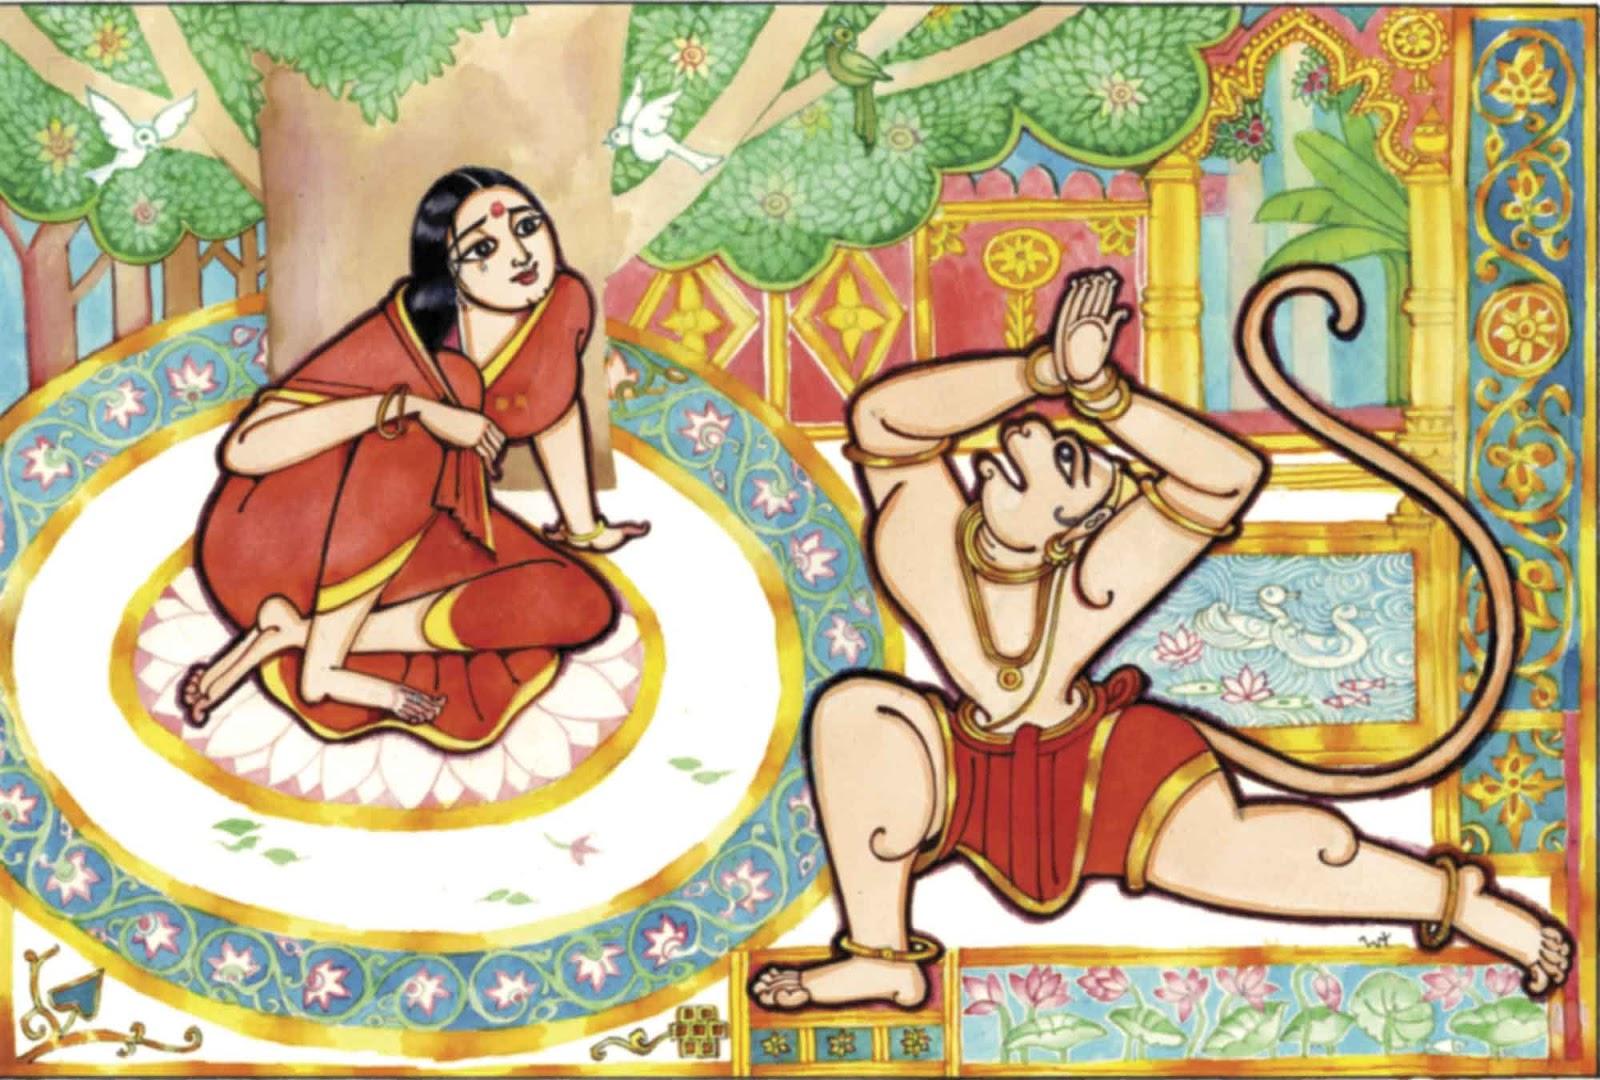 ప్రాచీన ప్రదేశాలు - ఆధునిక నామధేయాలు _Ancient spaces - modern naming ramayanam bharatam bhagavatam bhakthipustakalu bhaktipustakalu